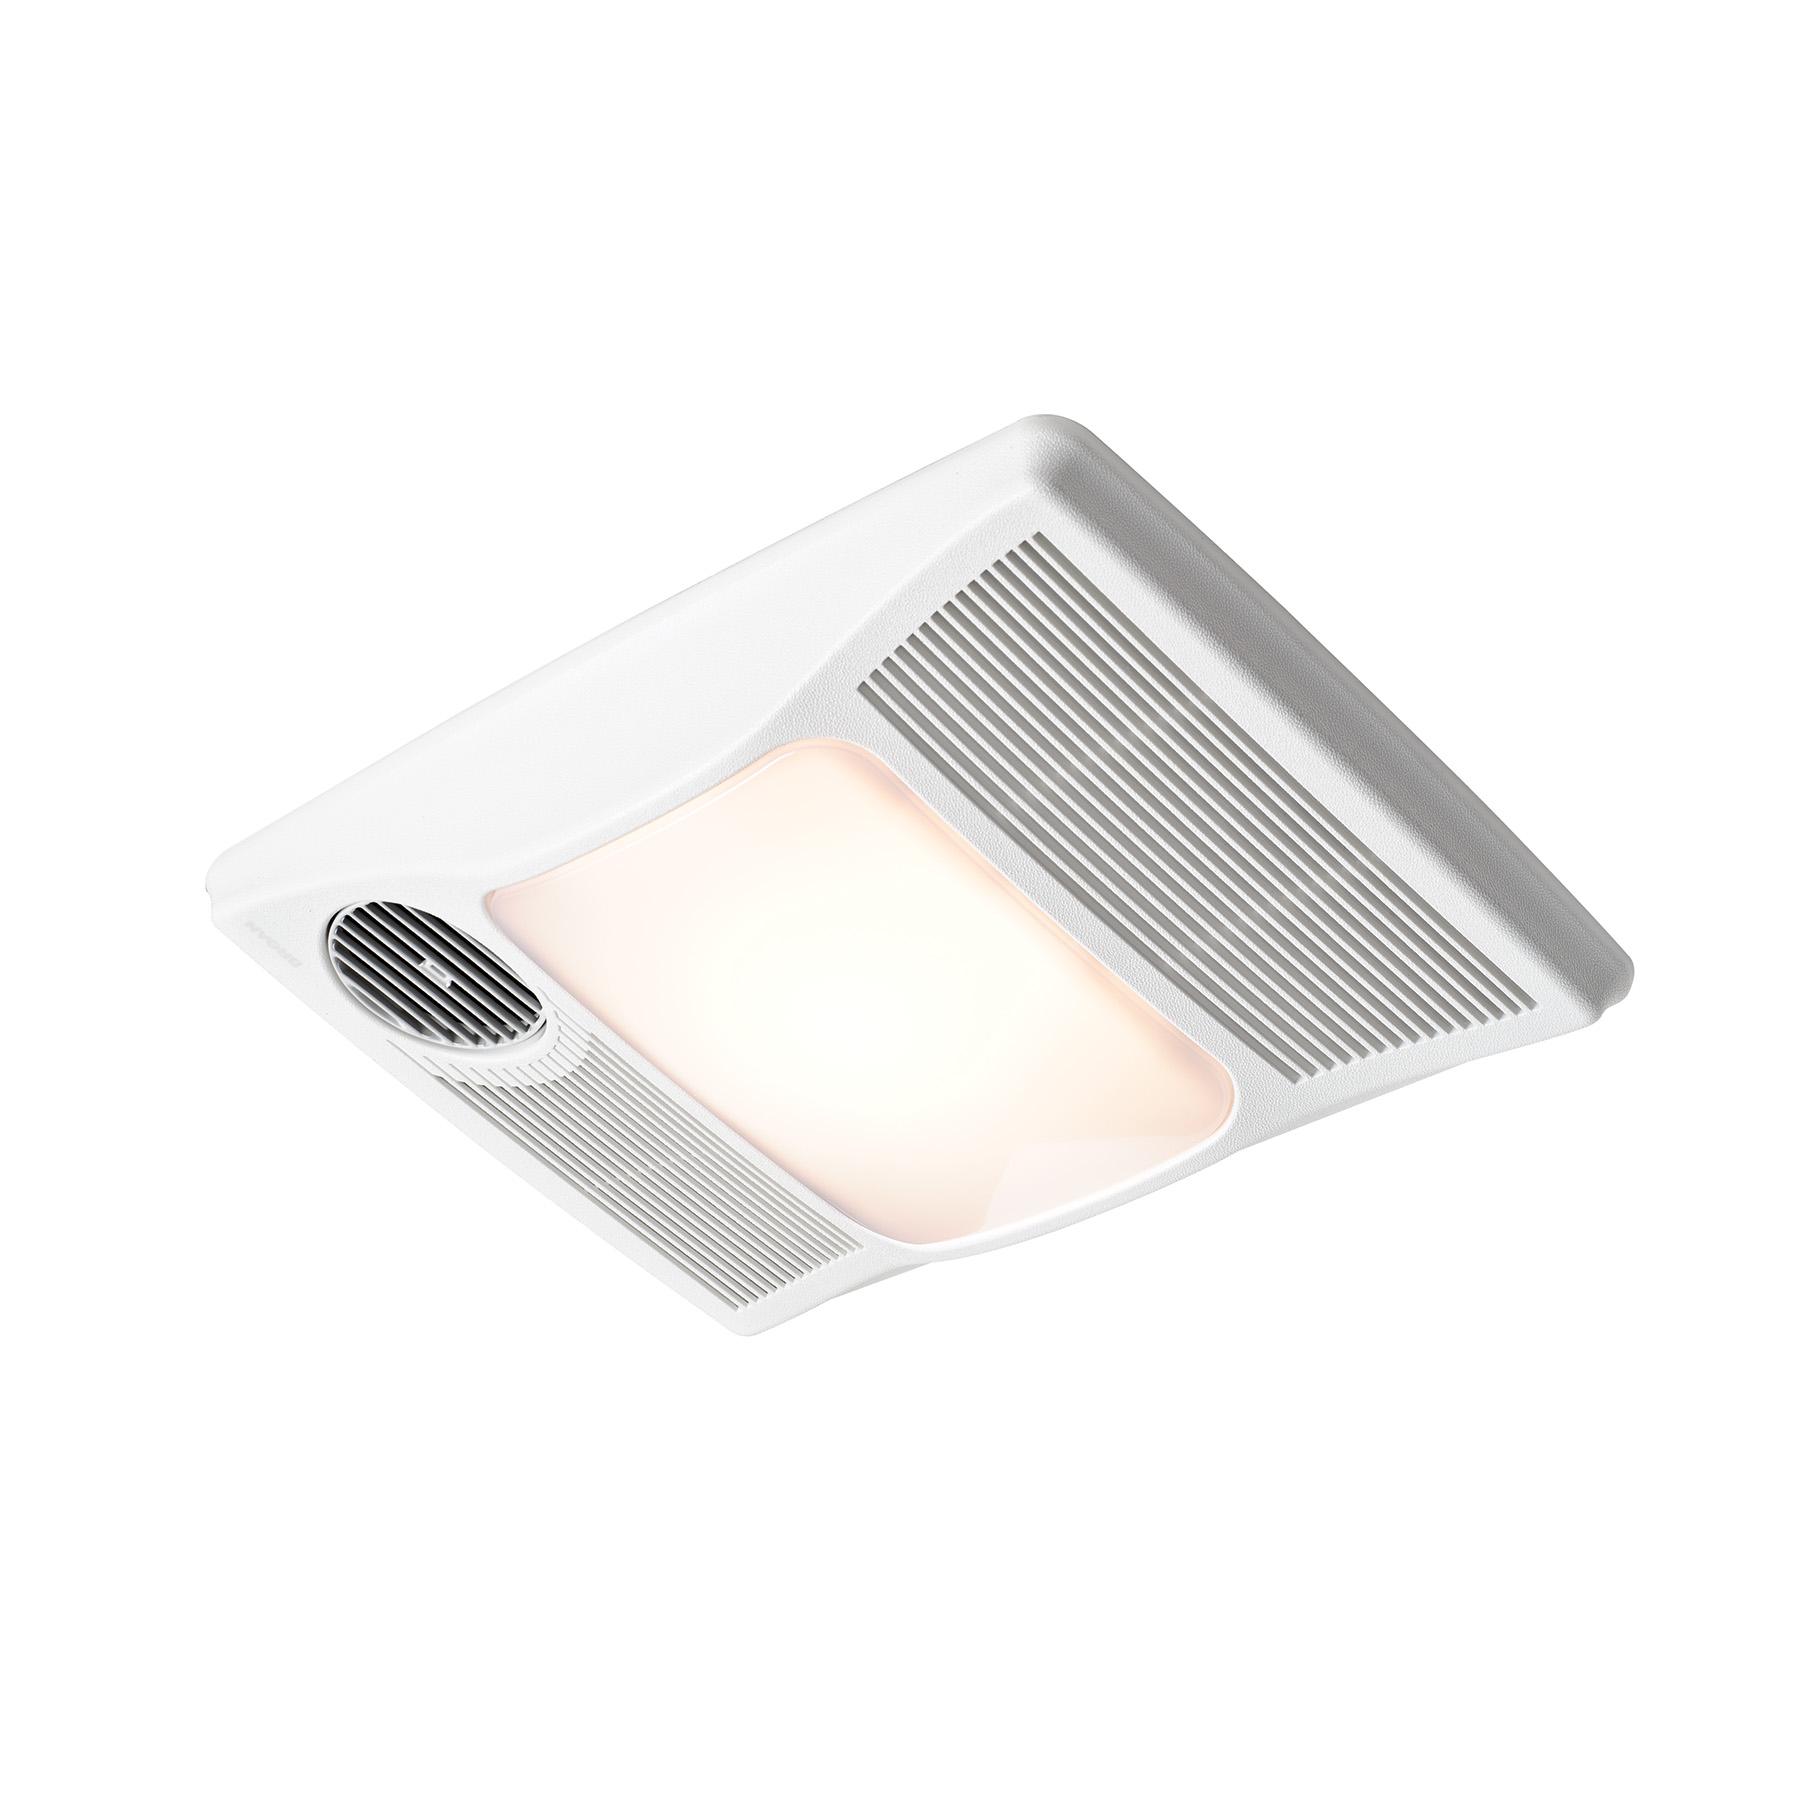 100hfl Broan Heater Fan Light 100 Cfm Ventilation Fan 1500w Heater 27w Fluorescent Light 2 0 Sones